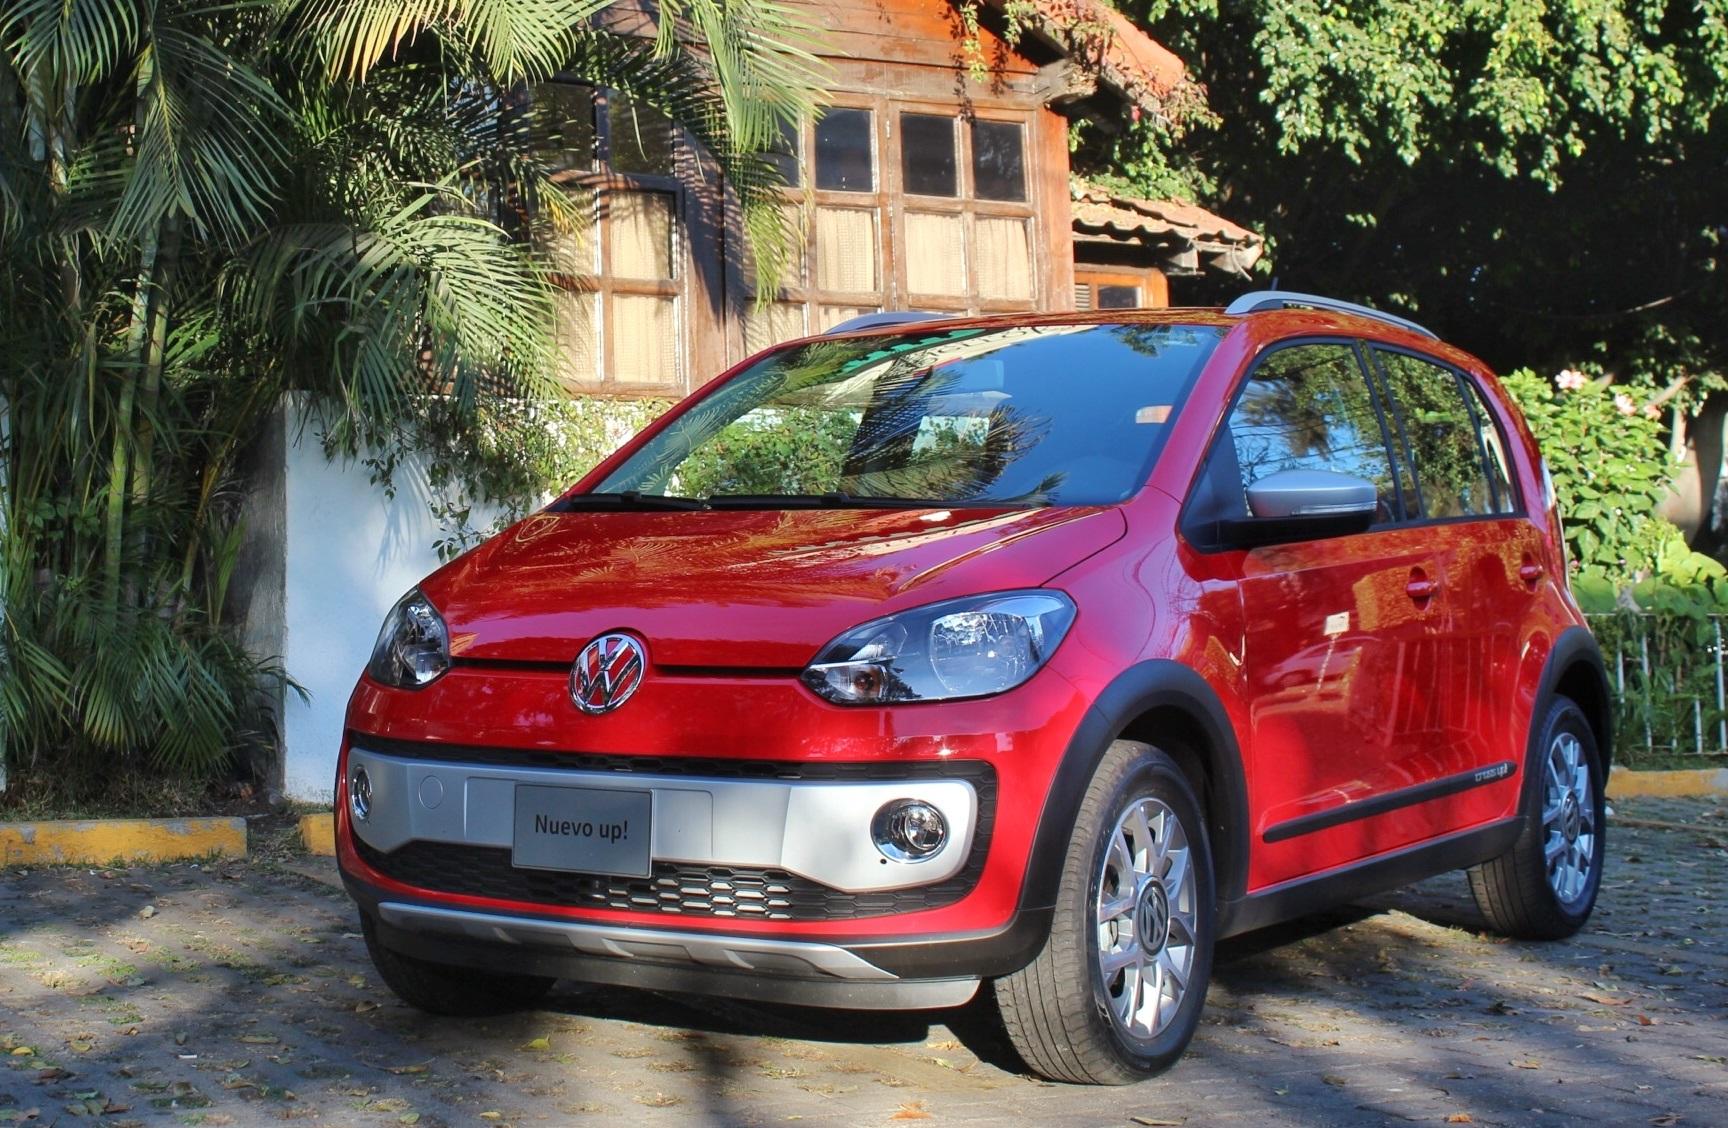 Volkswagen up! Lo manejamos y comprobamos qué tan capaz es este auto de 3 cilindros y 75 HP